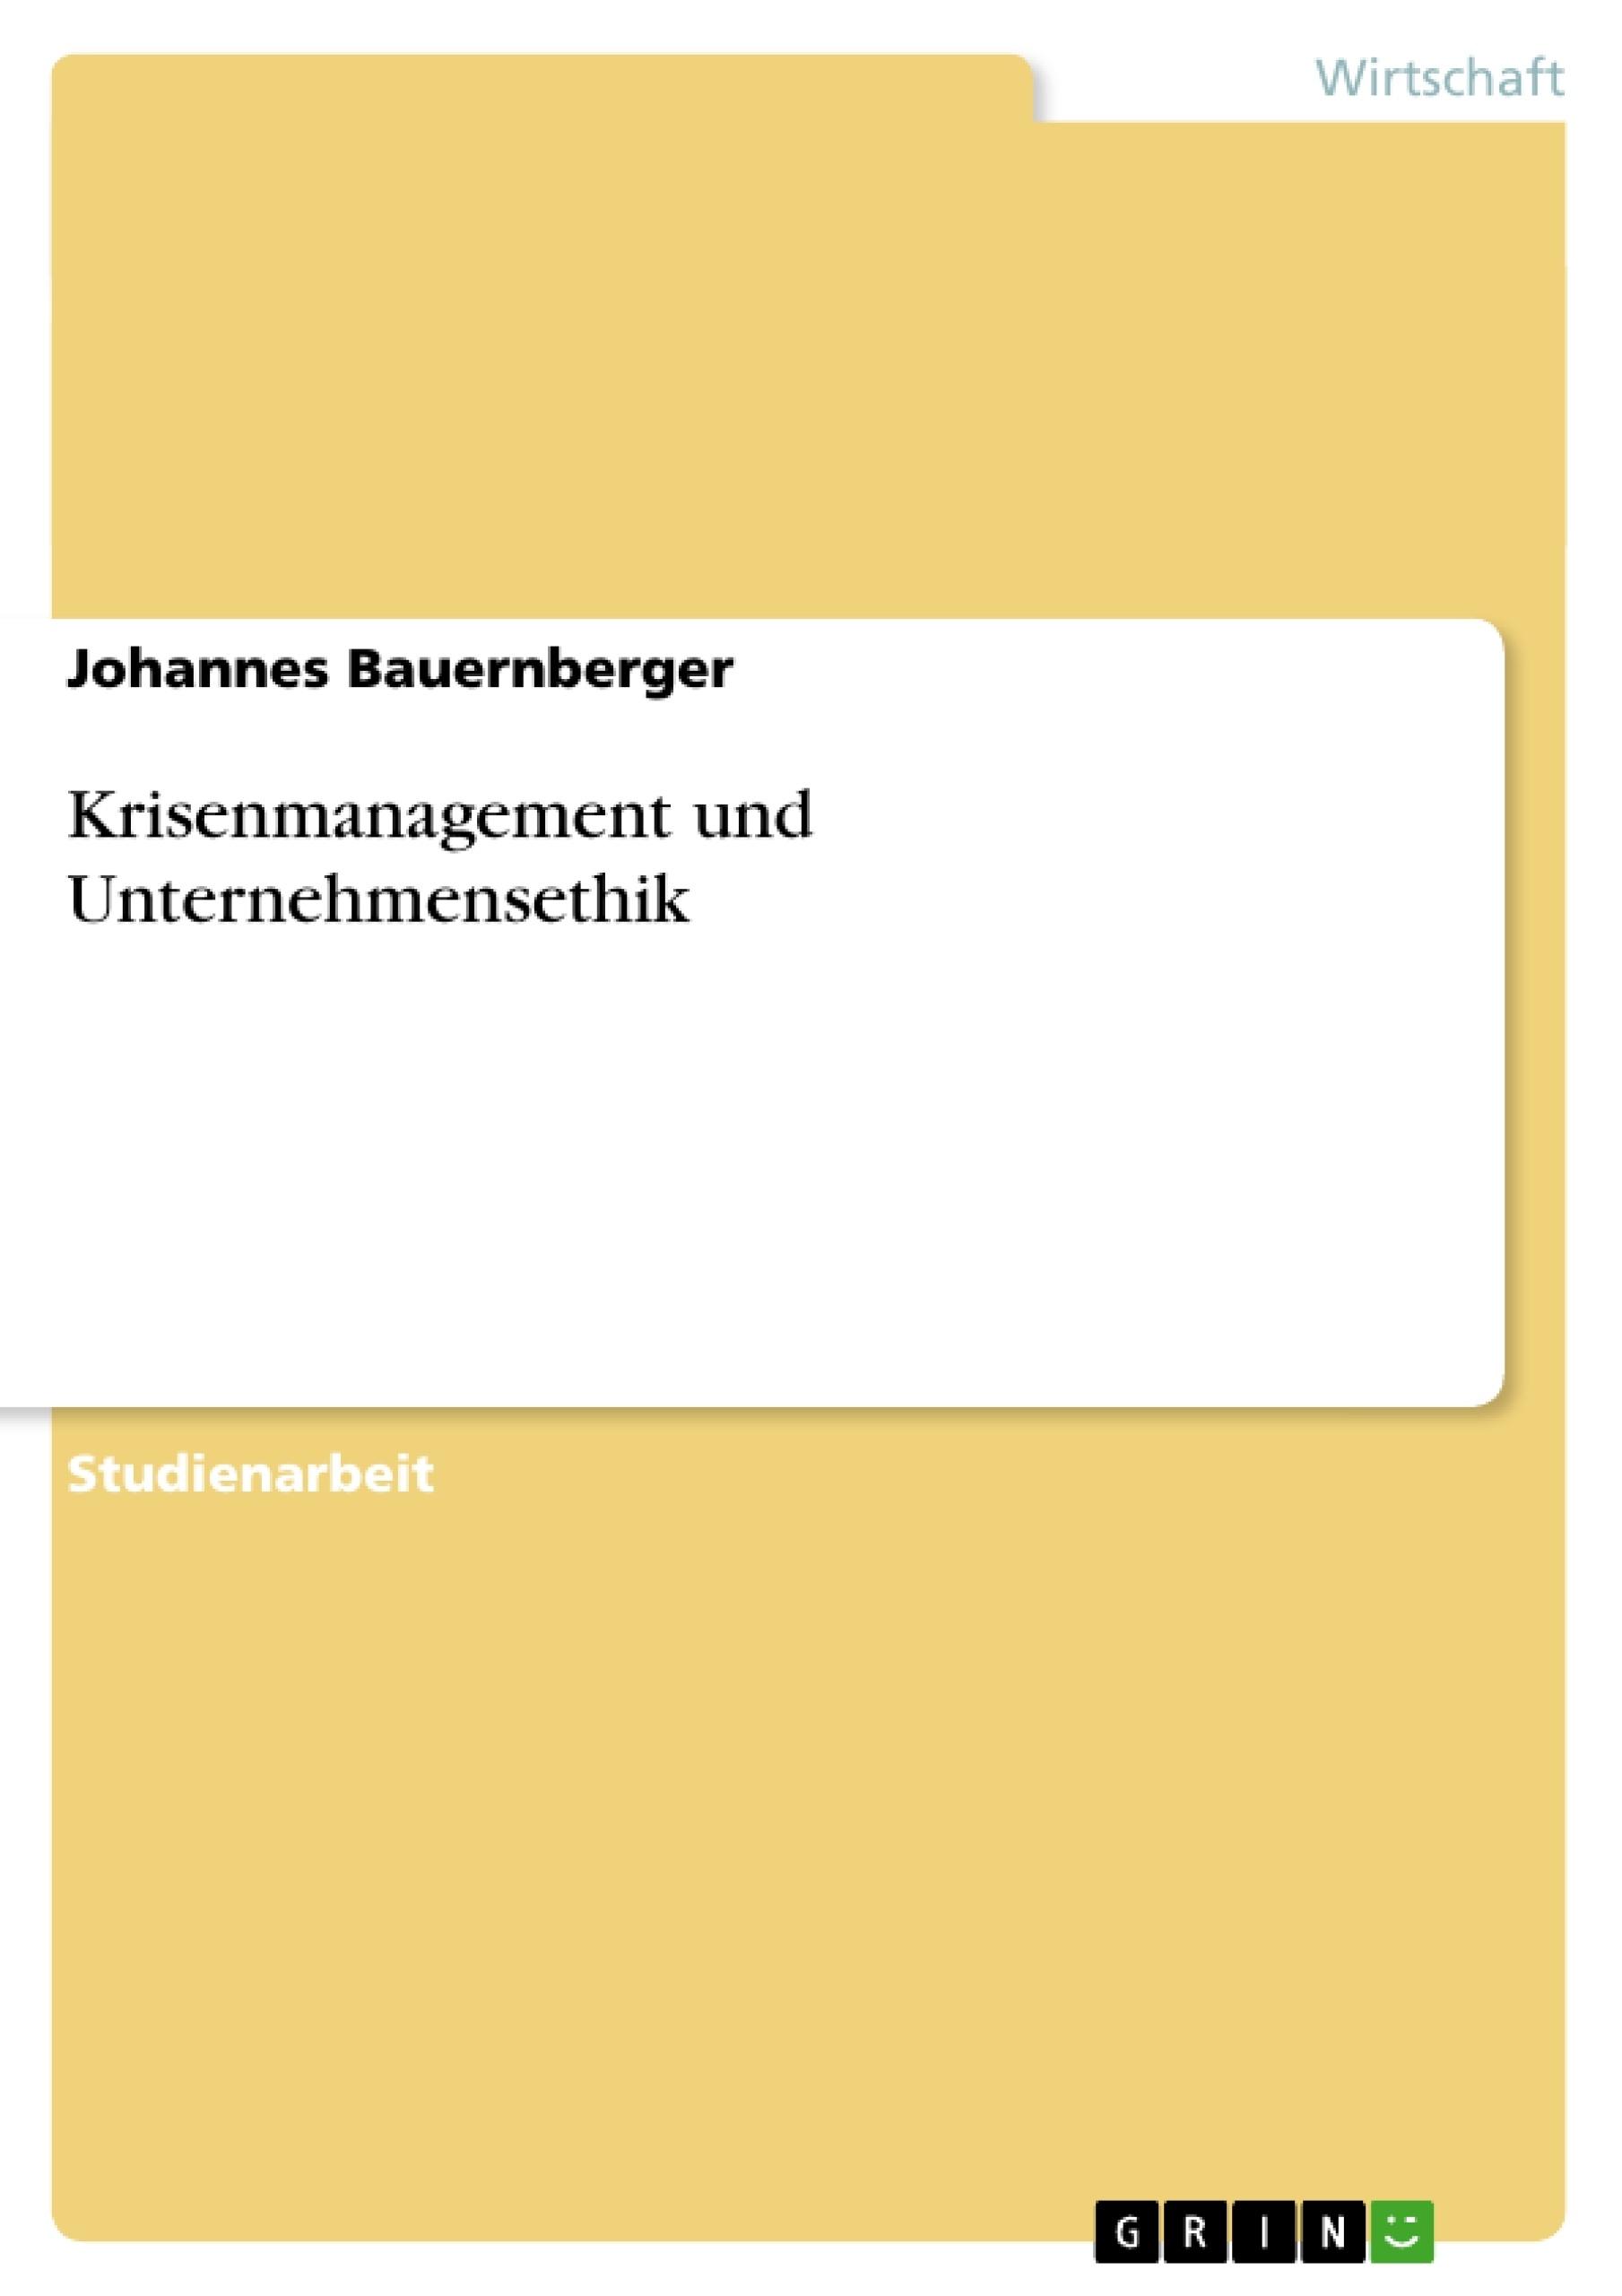 Titel: Krisenmanagement und Unternehmensethik